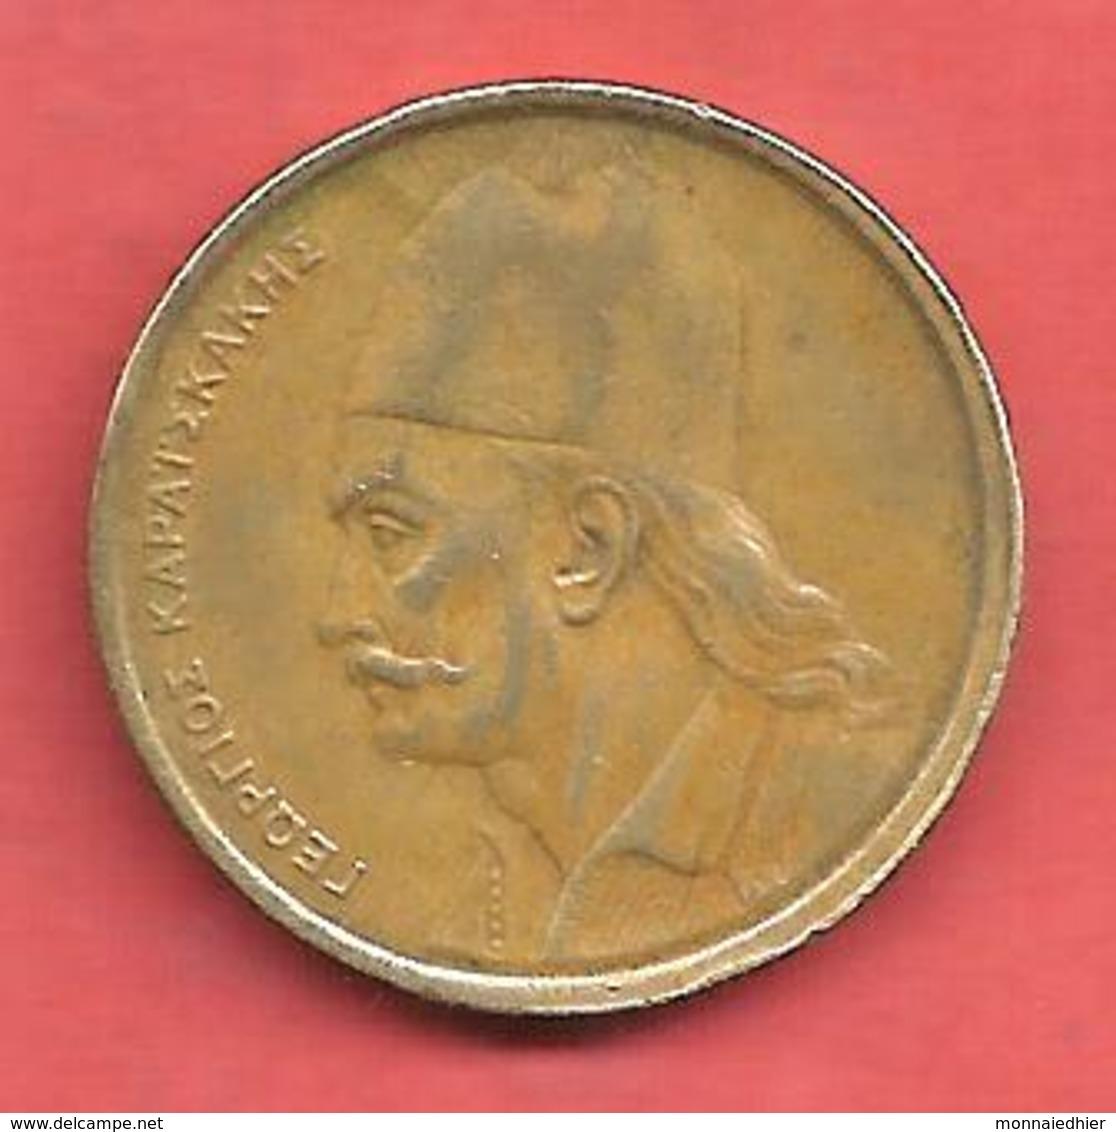 2 Drachmai , GRECE  , Nickel-Bronze , 1978 , N° KM # 117 - Grèce